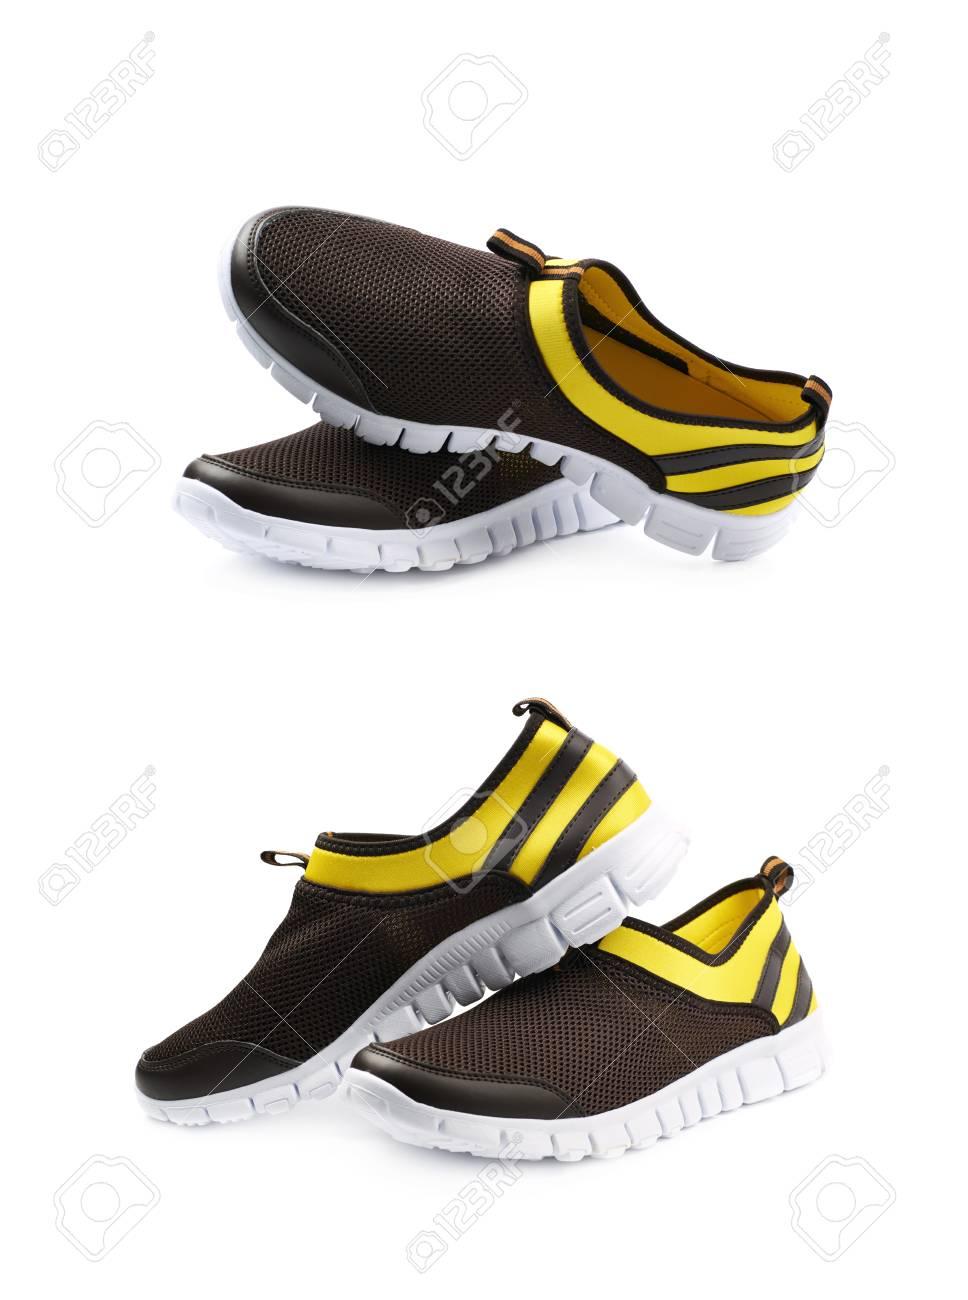 BlancoConjunto El Aislada Deportivas De Escorzos LigerasColor Sobre Par Dos Y NegroComposición Amarillo Fondo Diferentes Zapatillas Tl1JKFc3